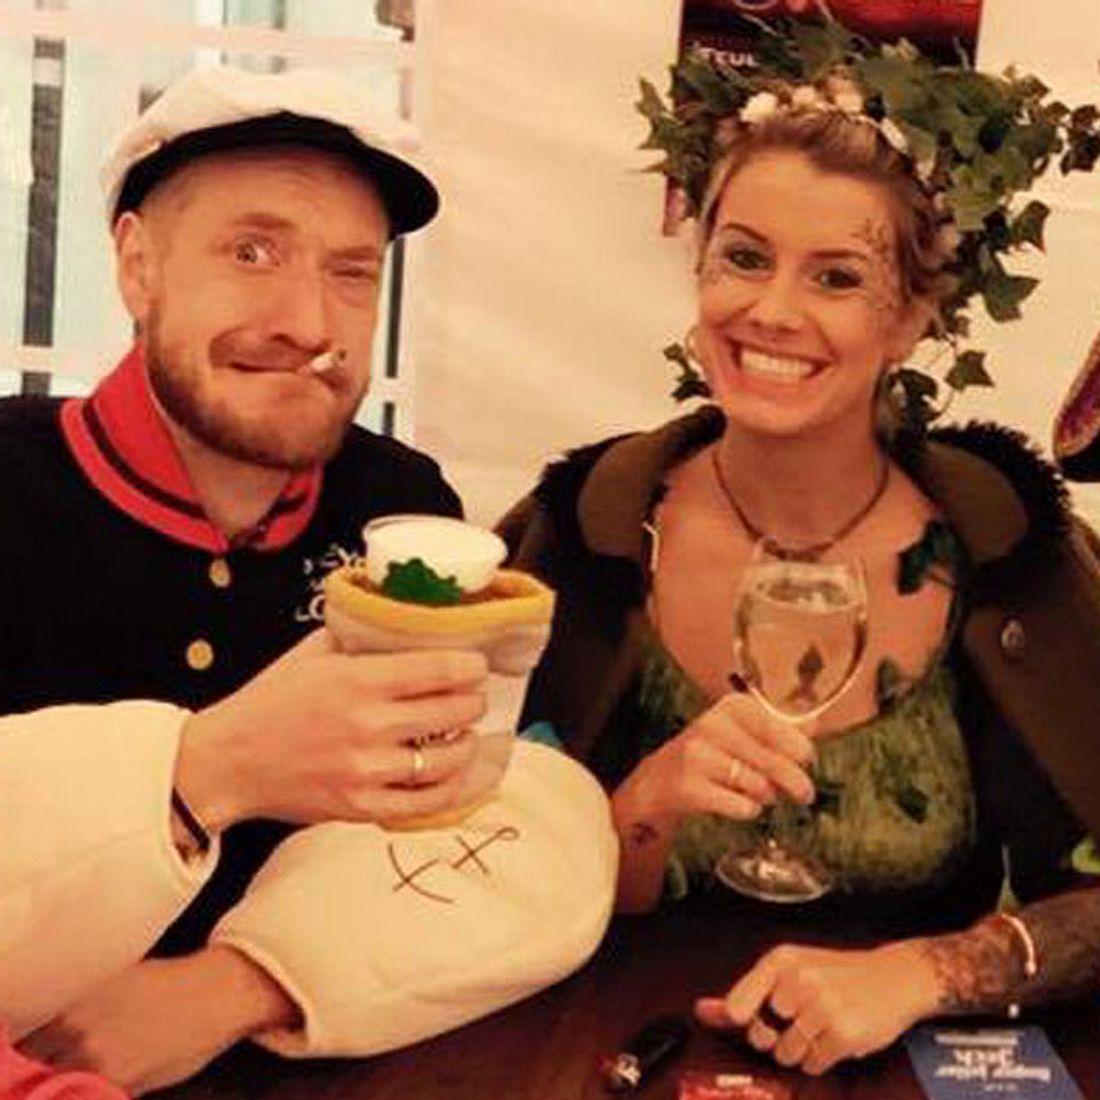 Pia Tillmann und Steffen Donsbach zeigen ihre Eheringe